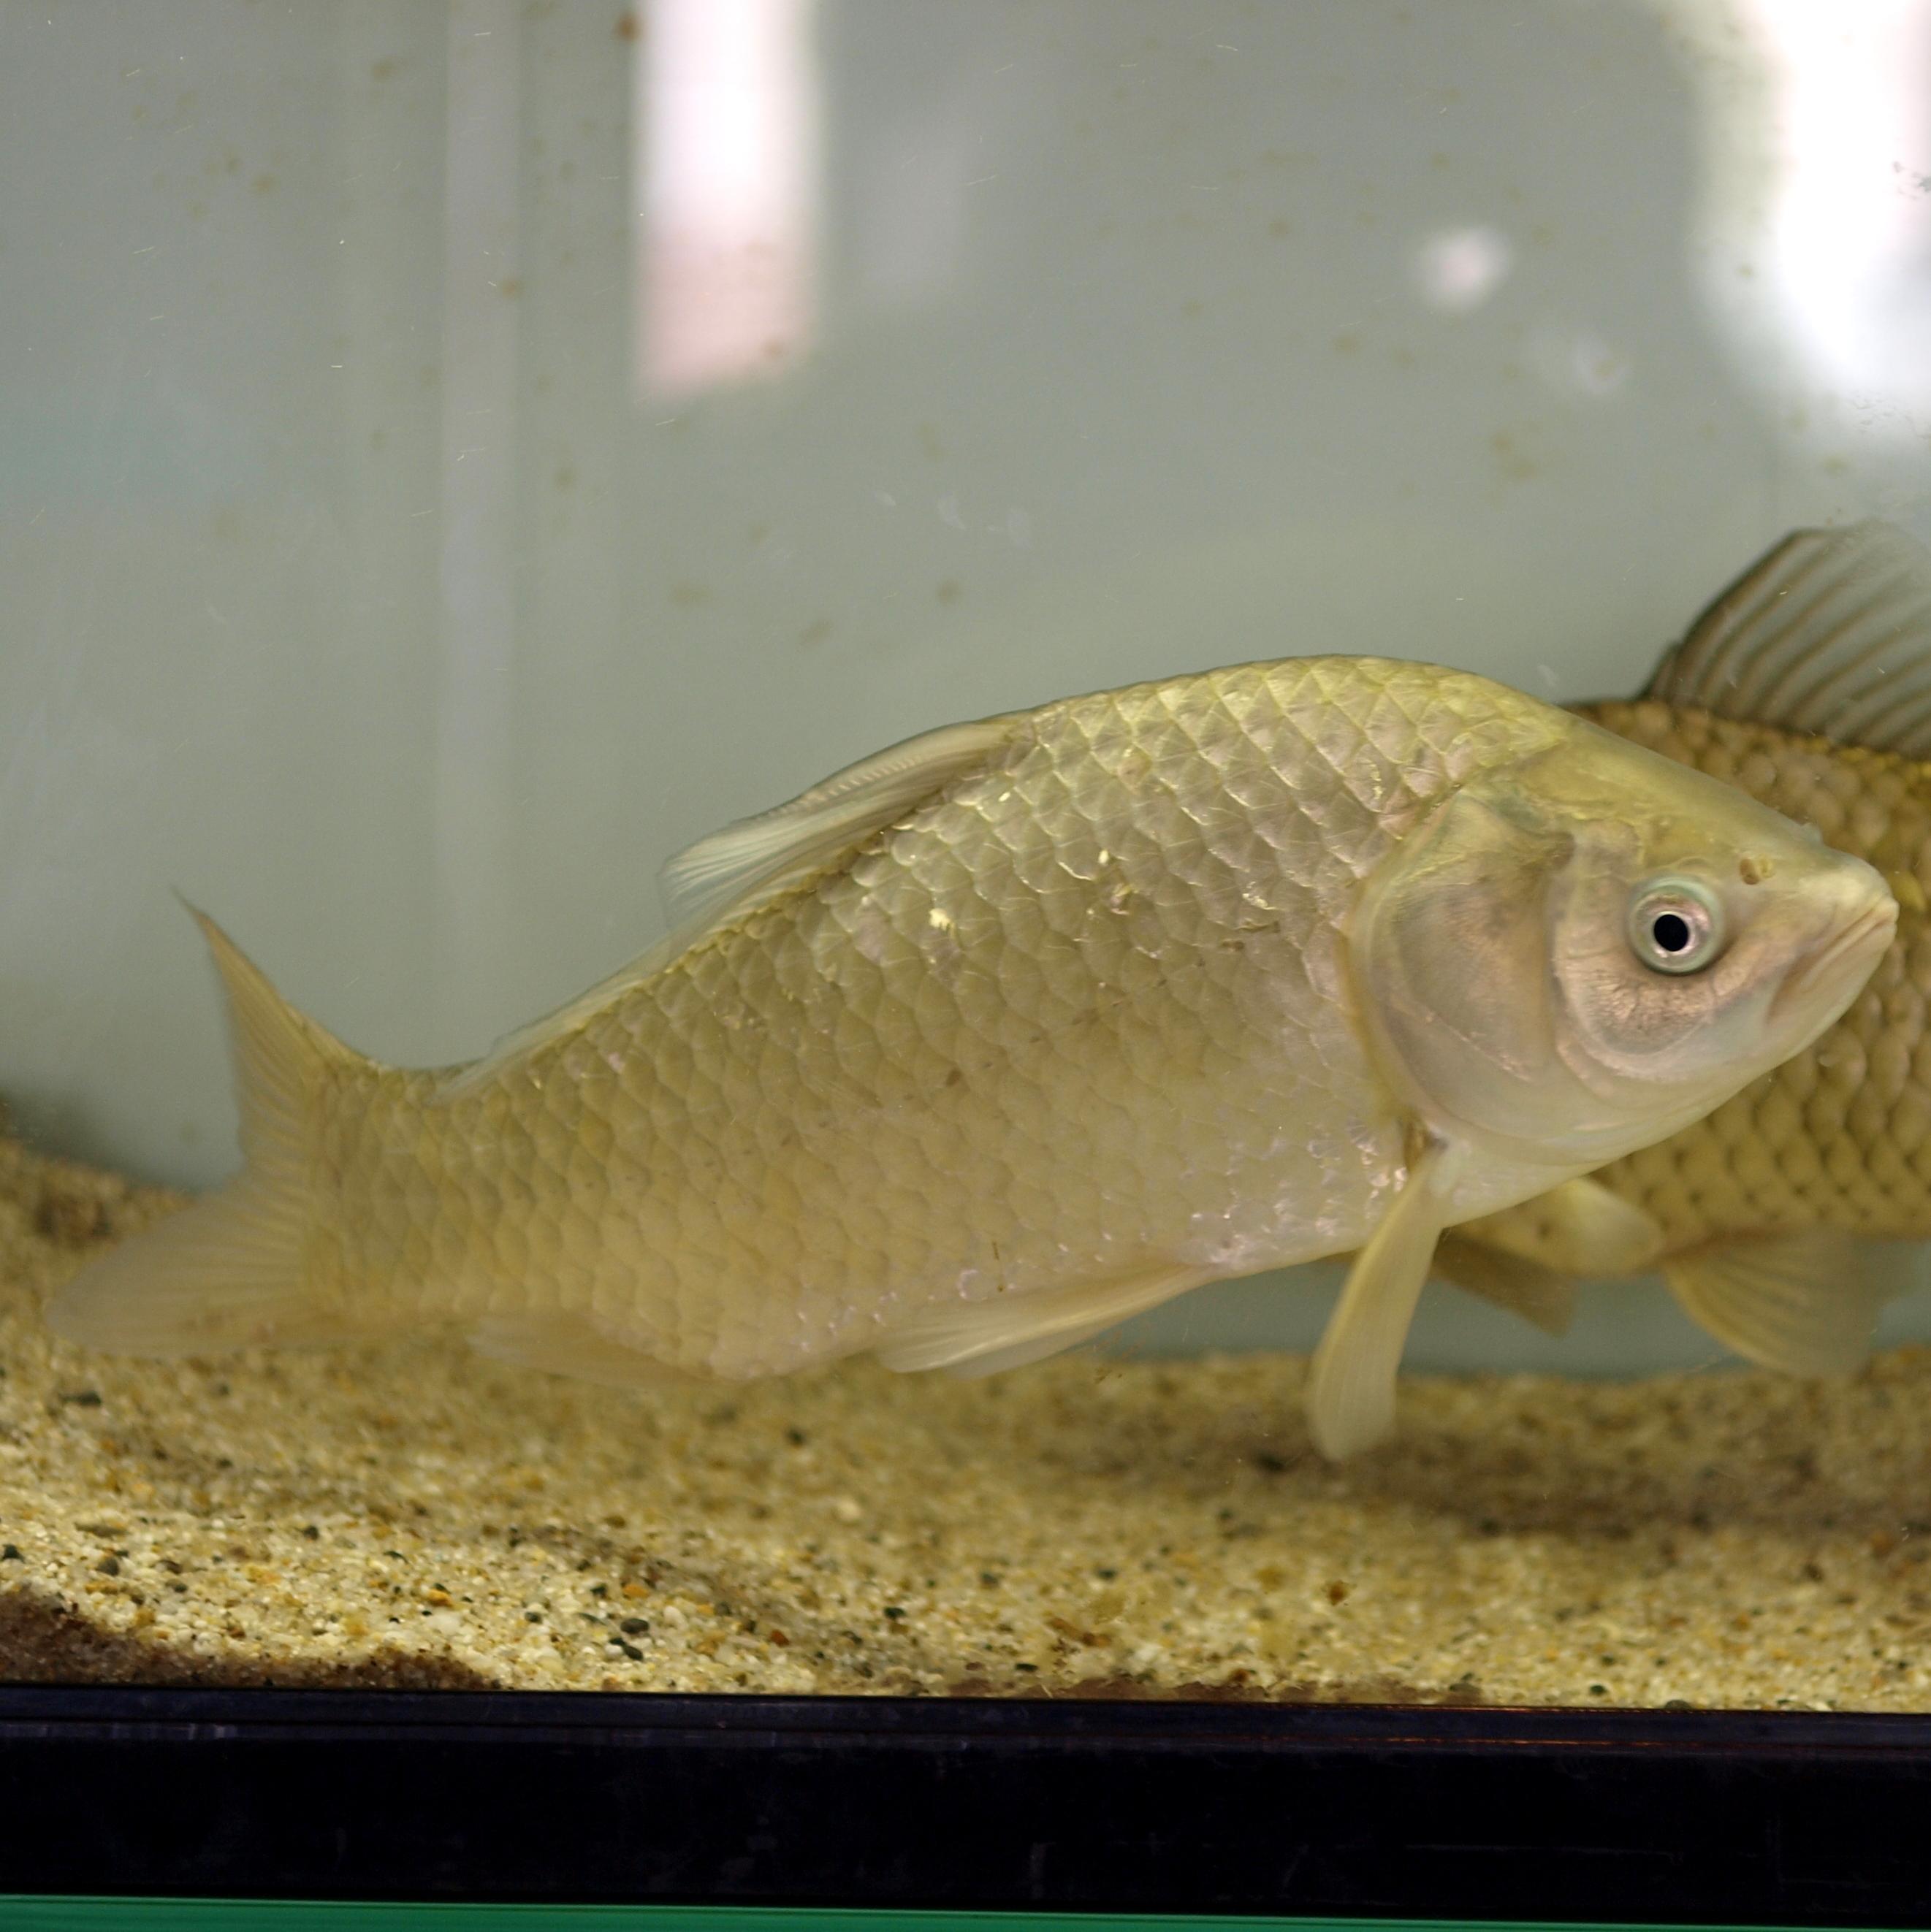 Image of Japanese crucian carp